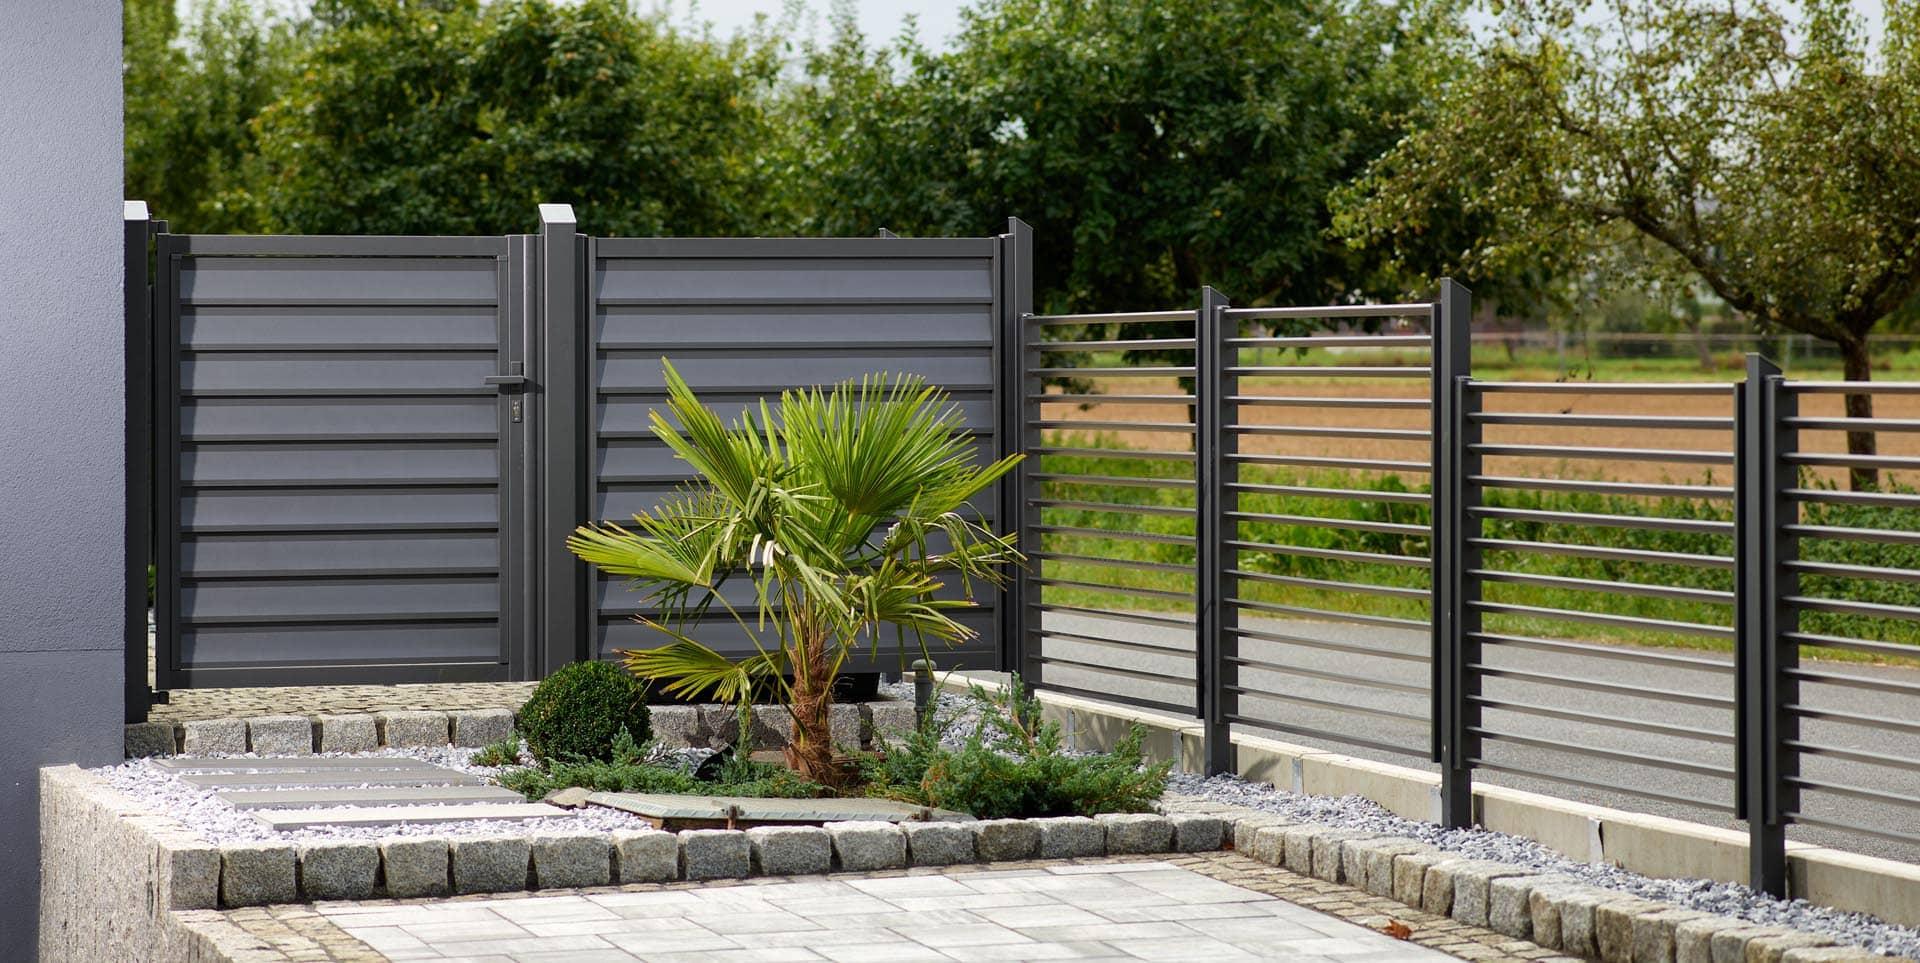 Lamellen Aus Aluminium Sichtschutz Balkon Garten Terrasse